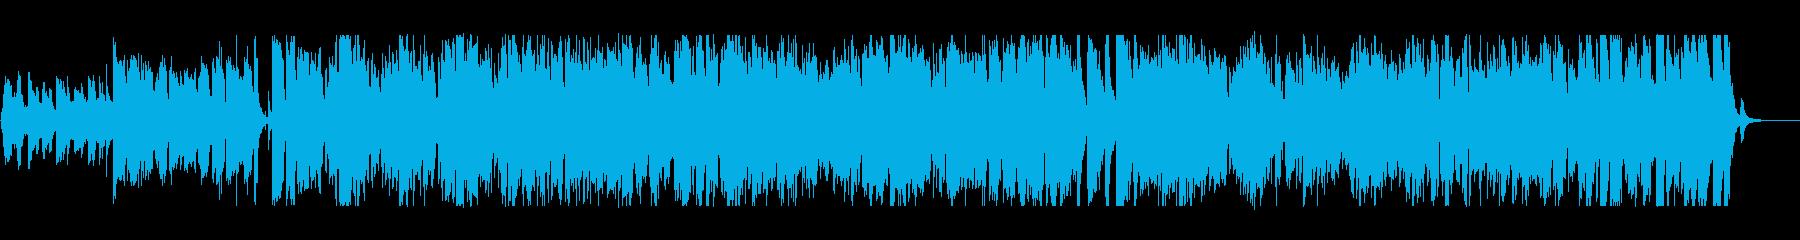 心がほっこりするボサノヴァの再生済みの波形